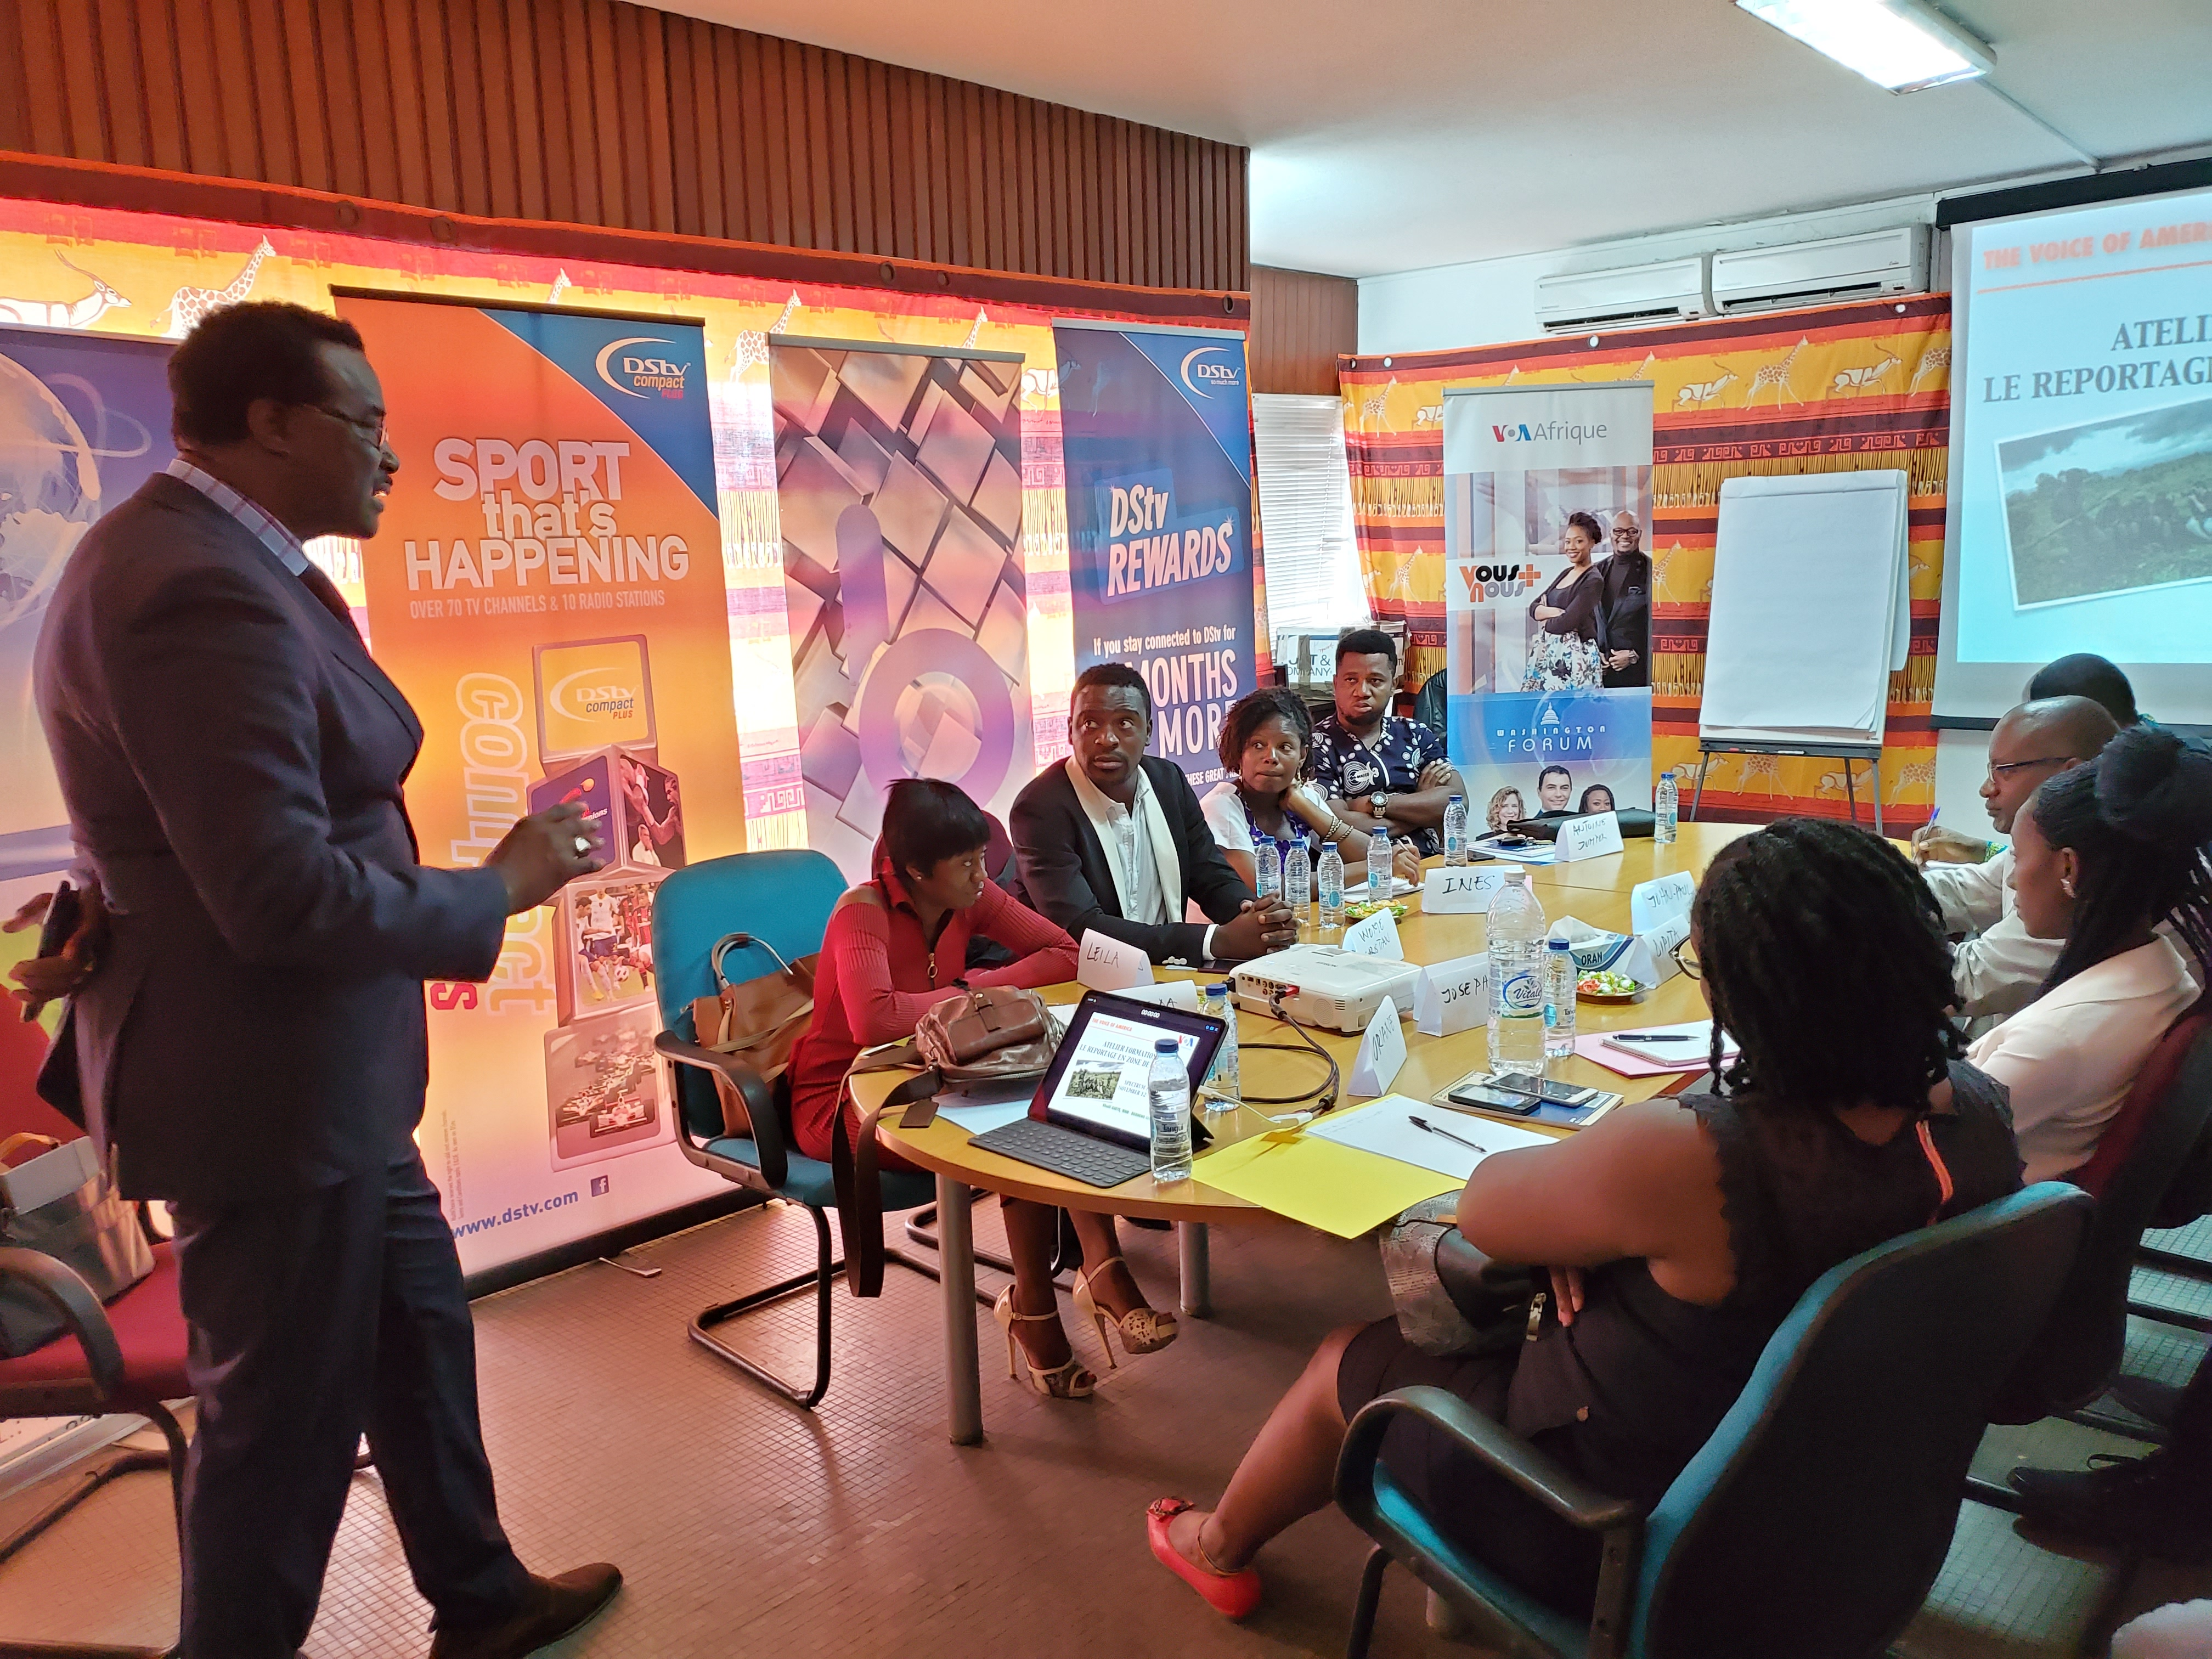 Cameroon: Reporting in conflict zones